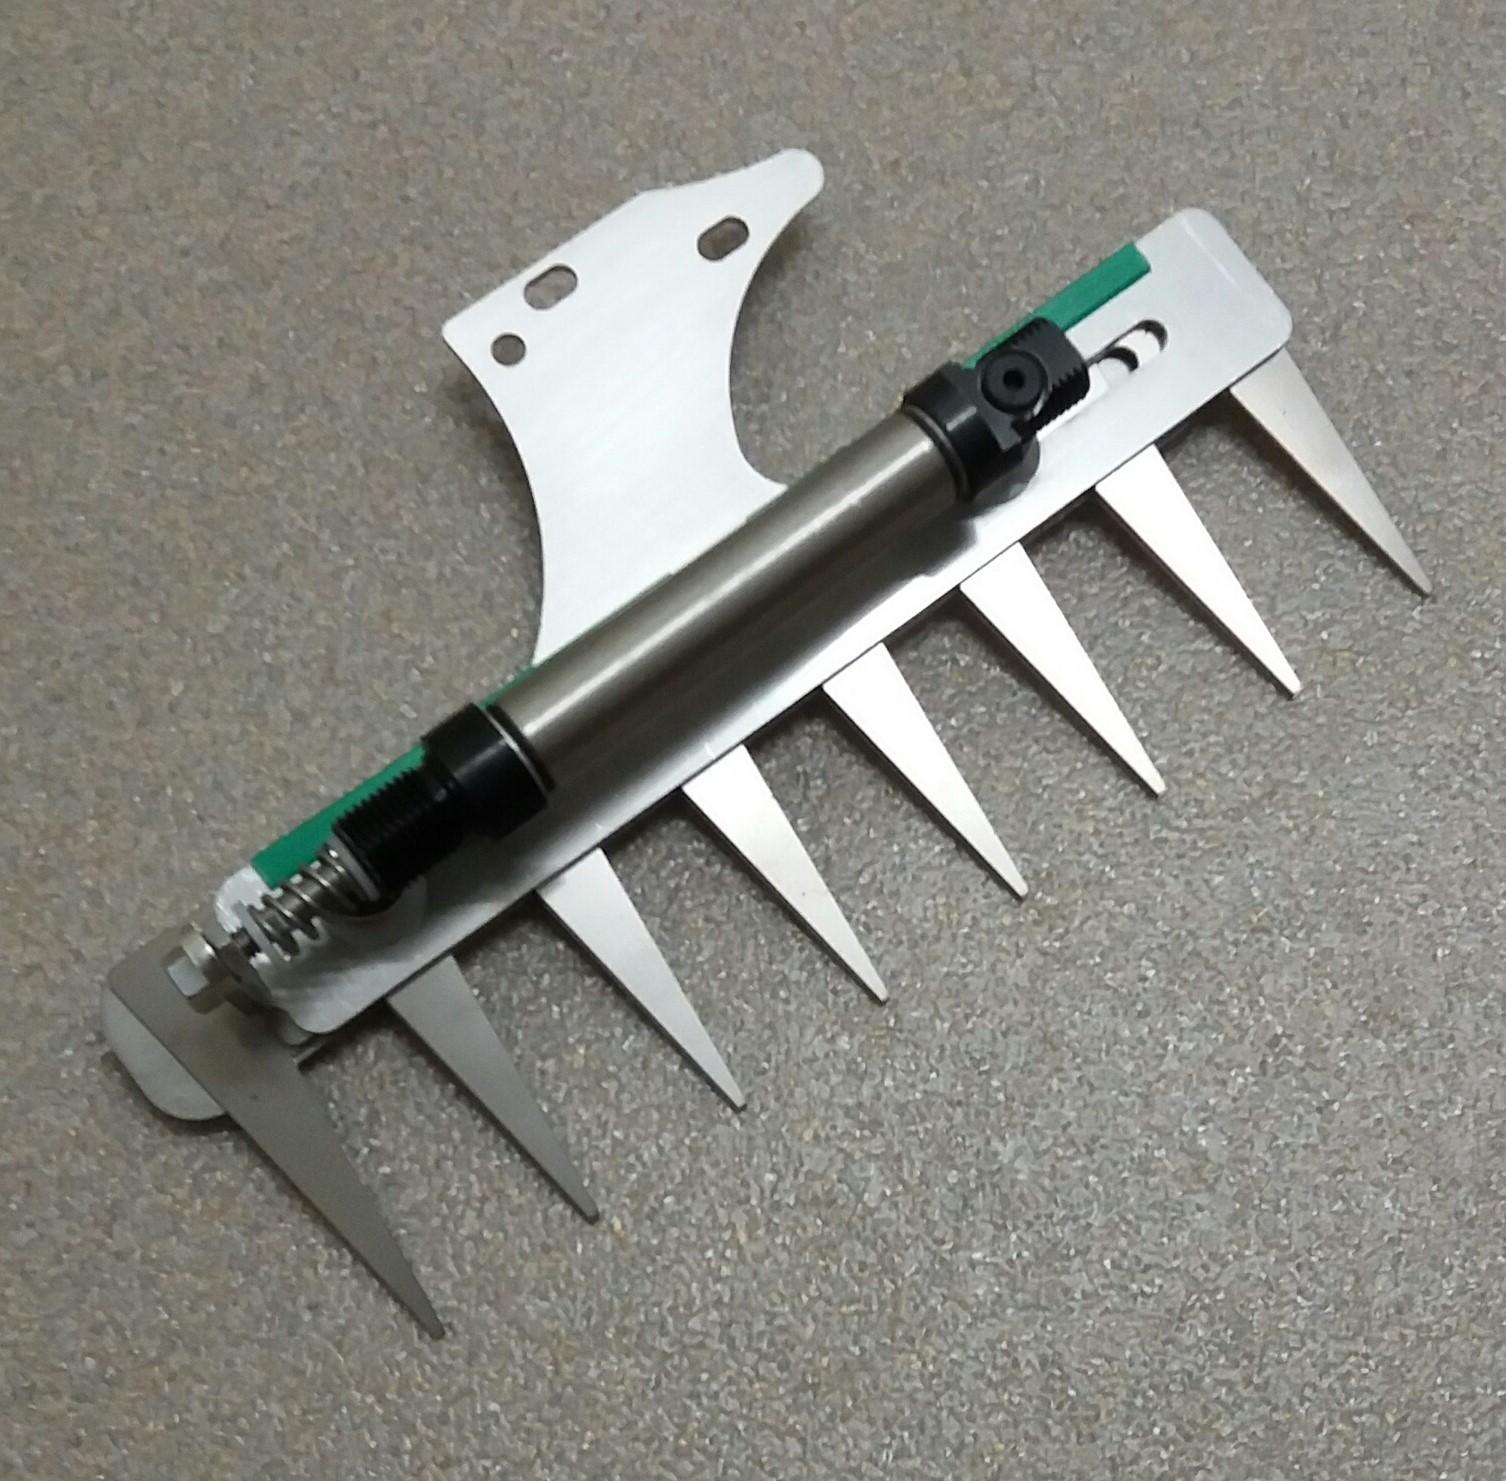 Patentschaar®  Kaak Knipmachine RVS 225 mm lang, steek 30 mm, 8 tanden